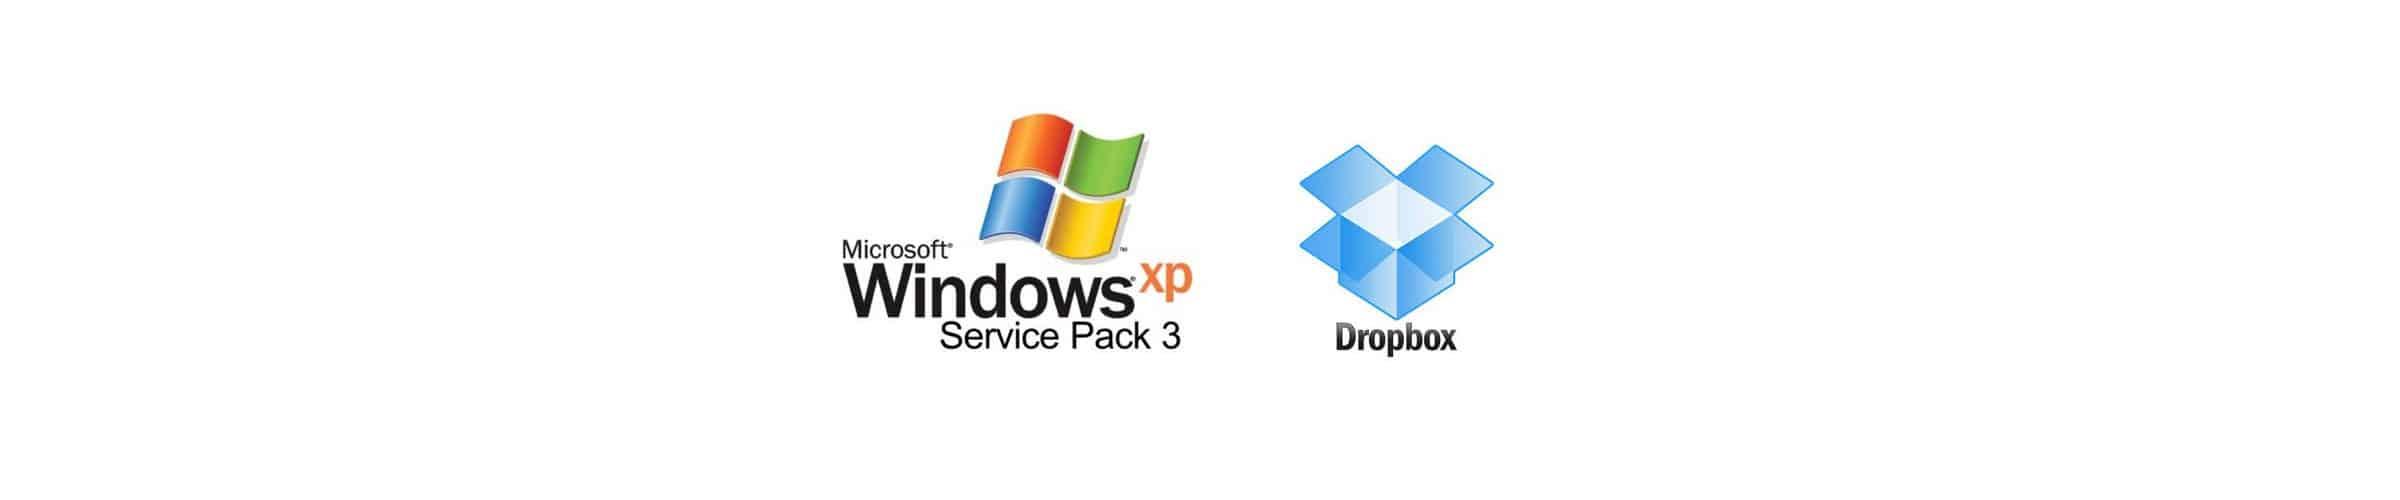 Dropbox stellt Windows XP Unterstützung ein